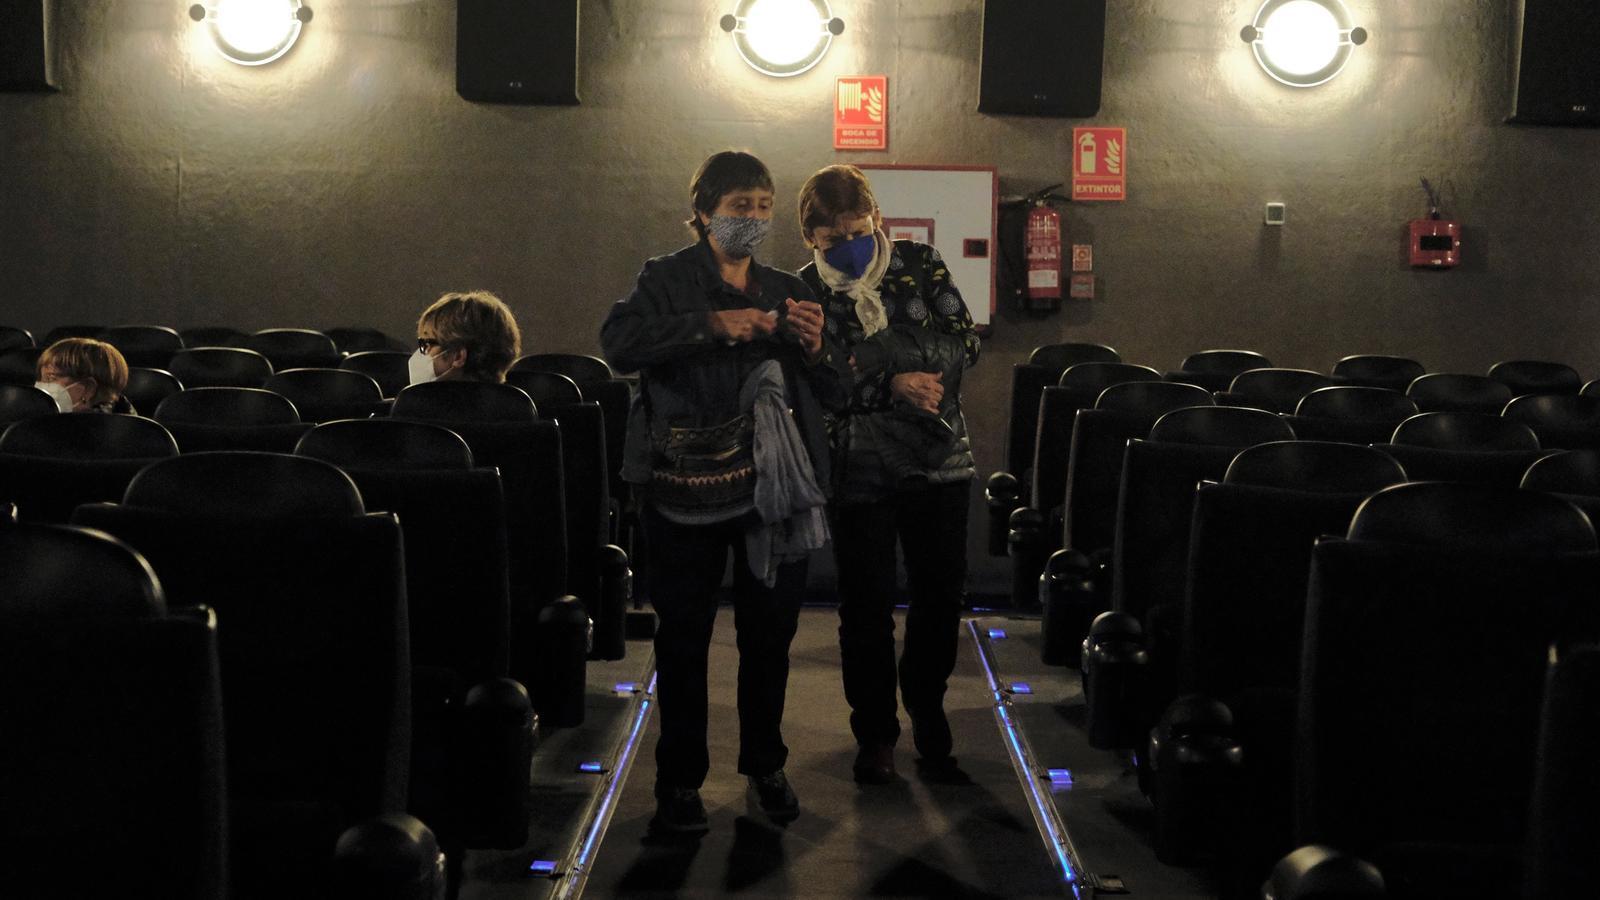 Espectadors al cinema Renoir Floridablanca aquest dilluns de reobertura